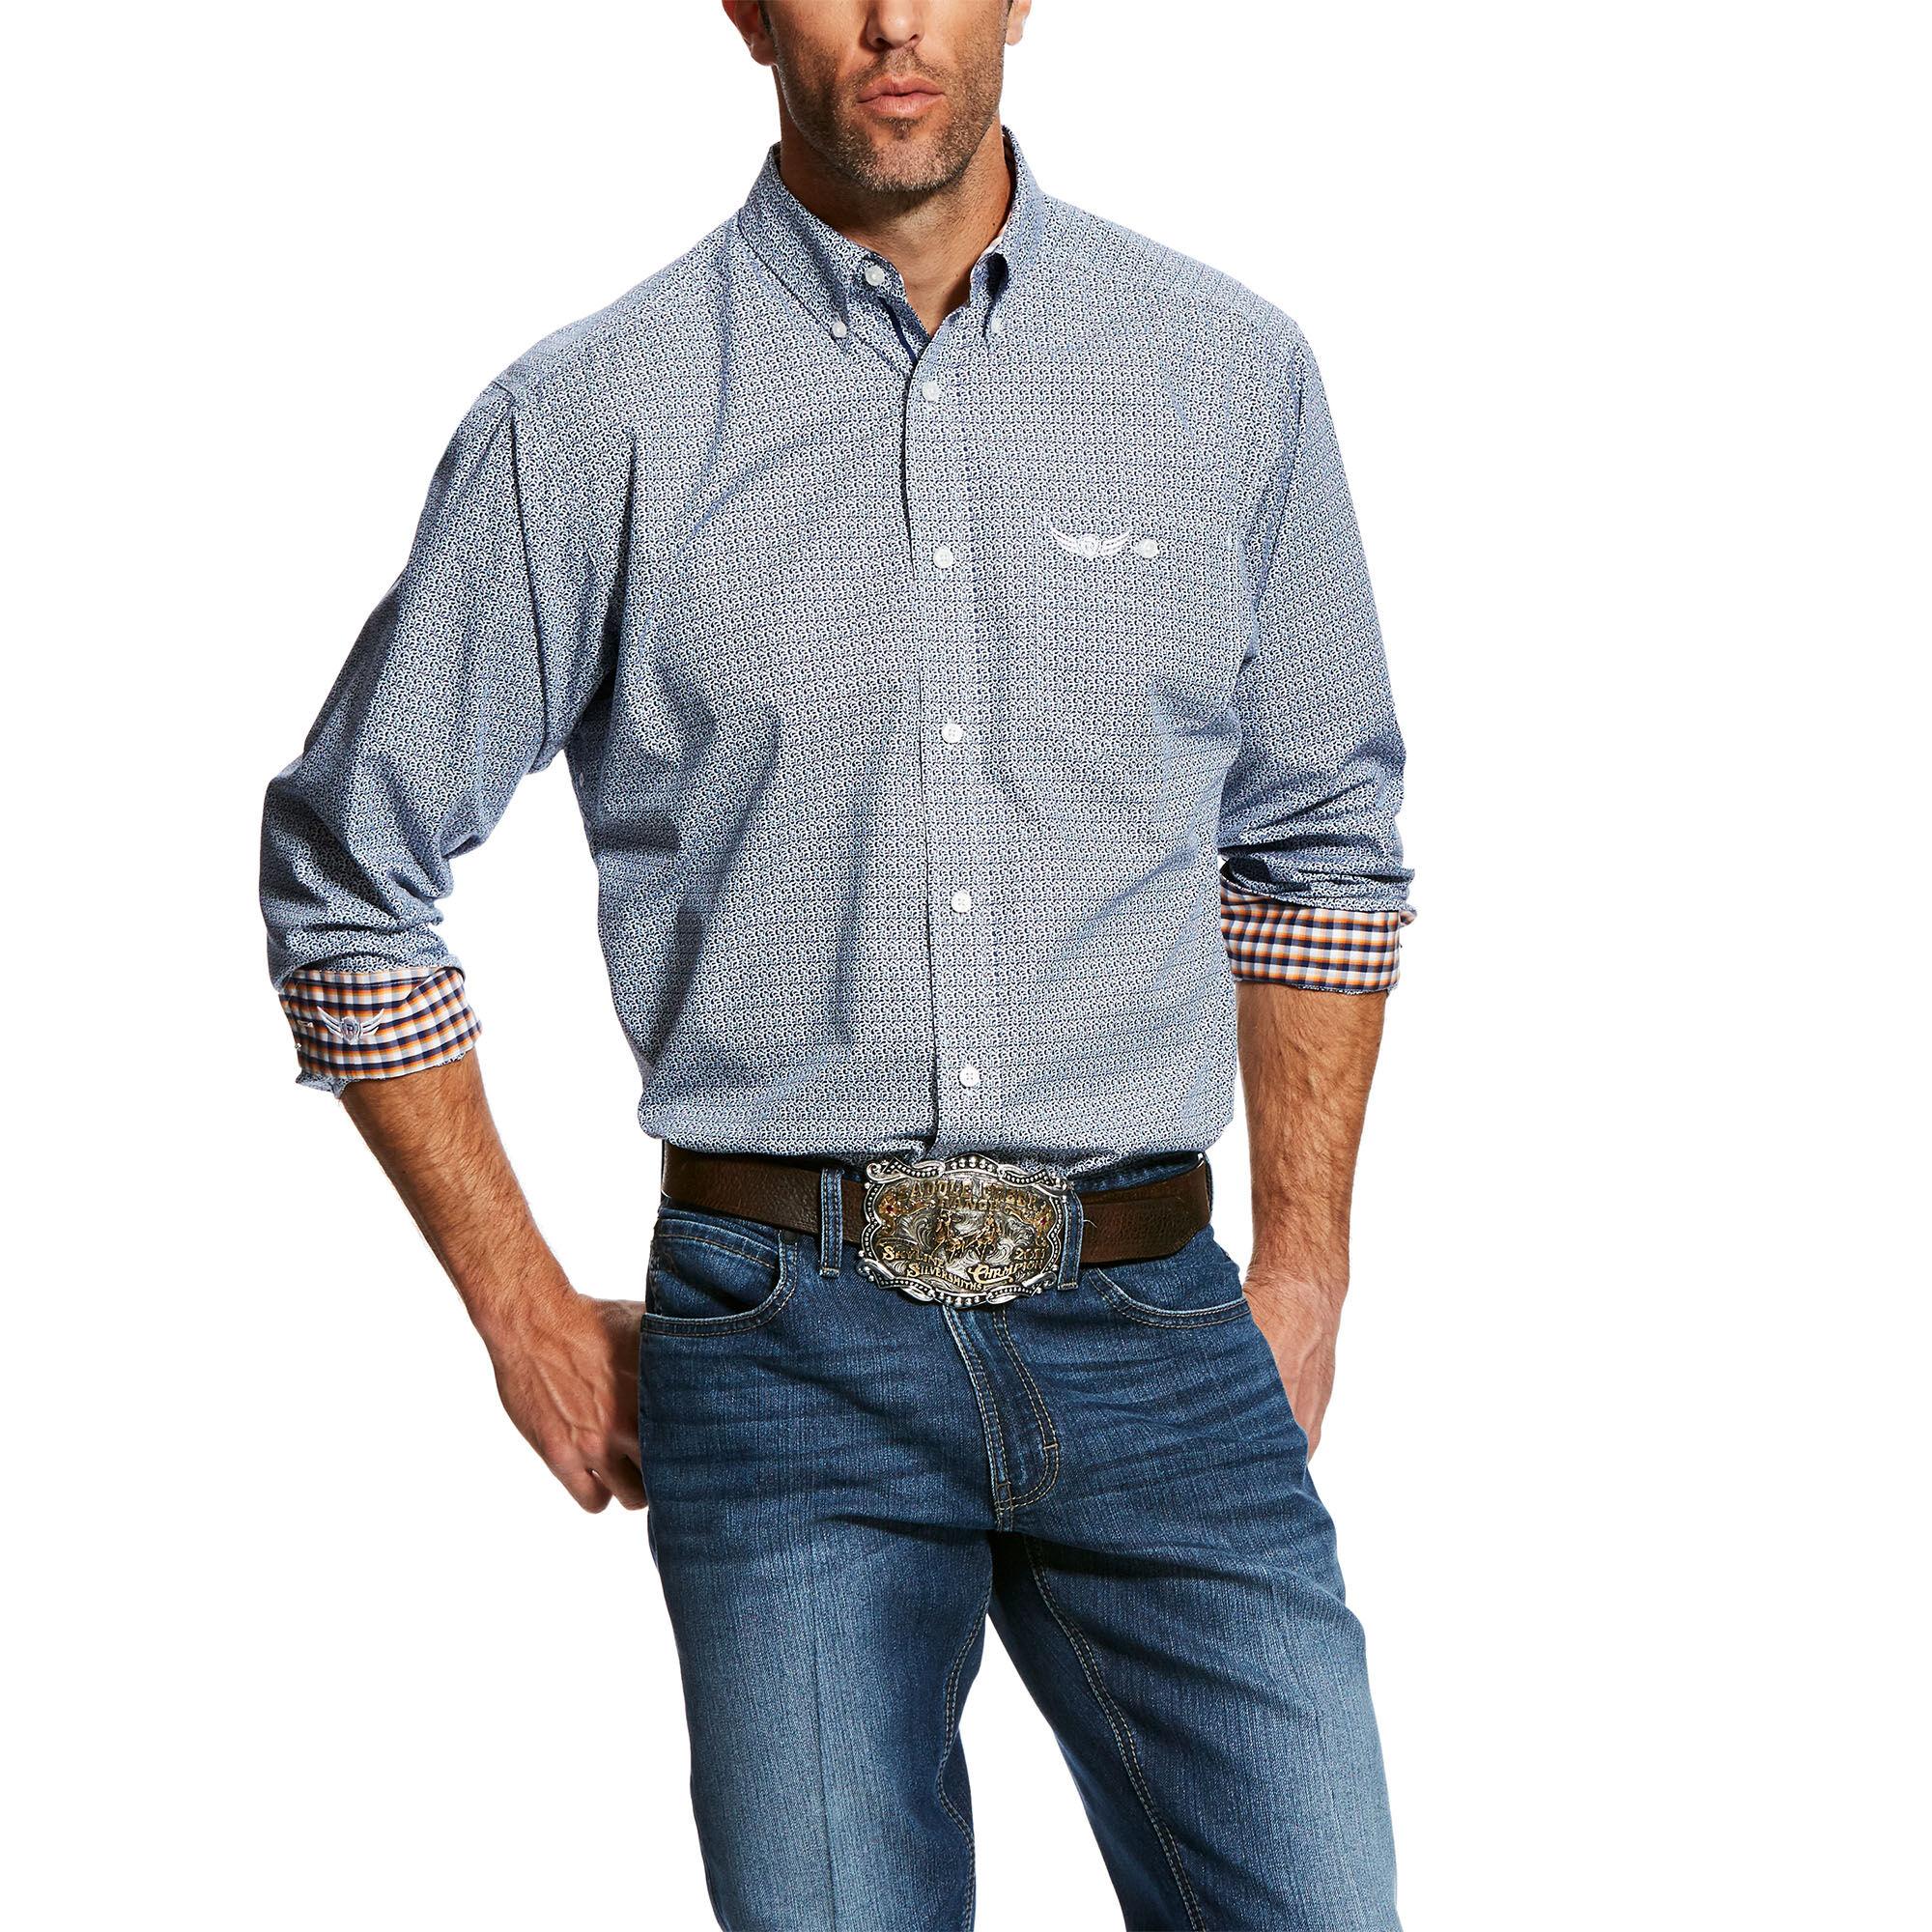 Ariat® Men/'s Casual Series Dawson Blue Printed Shirt 10025521